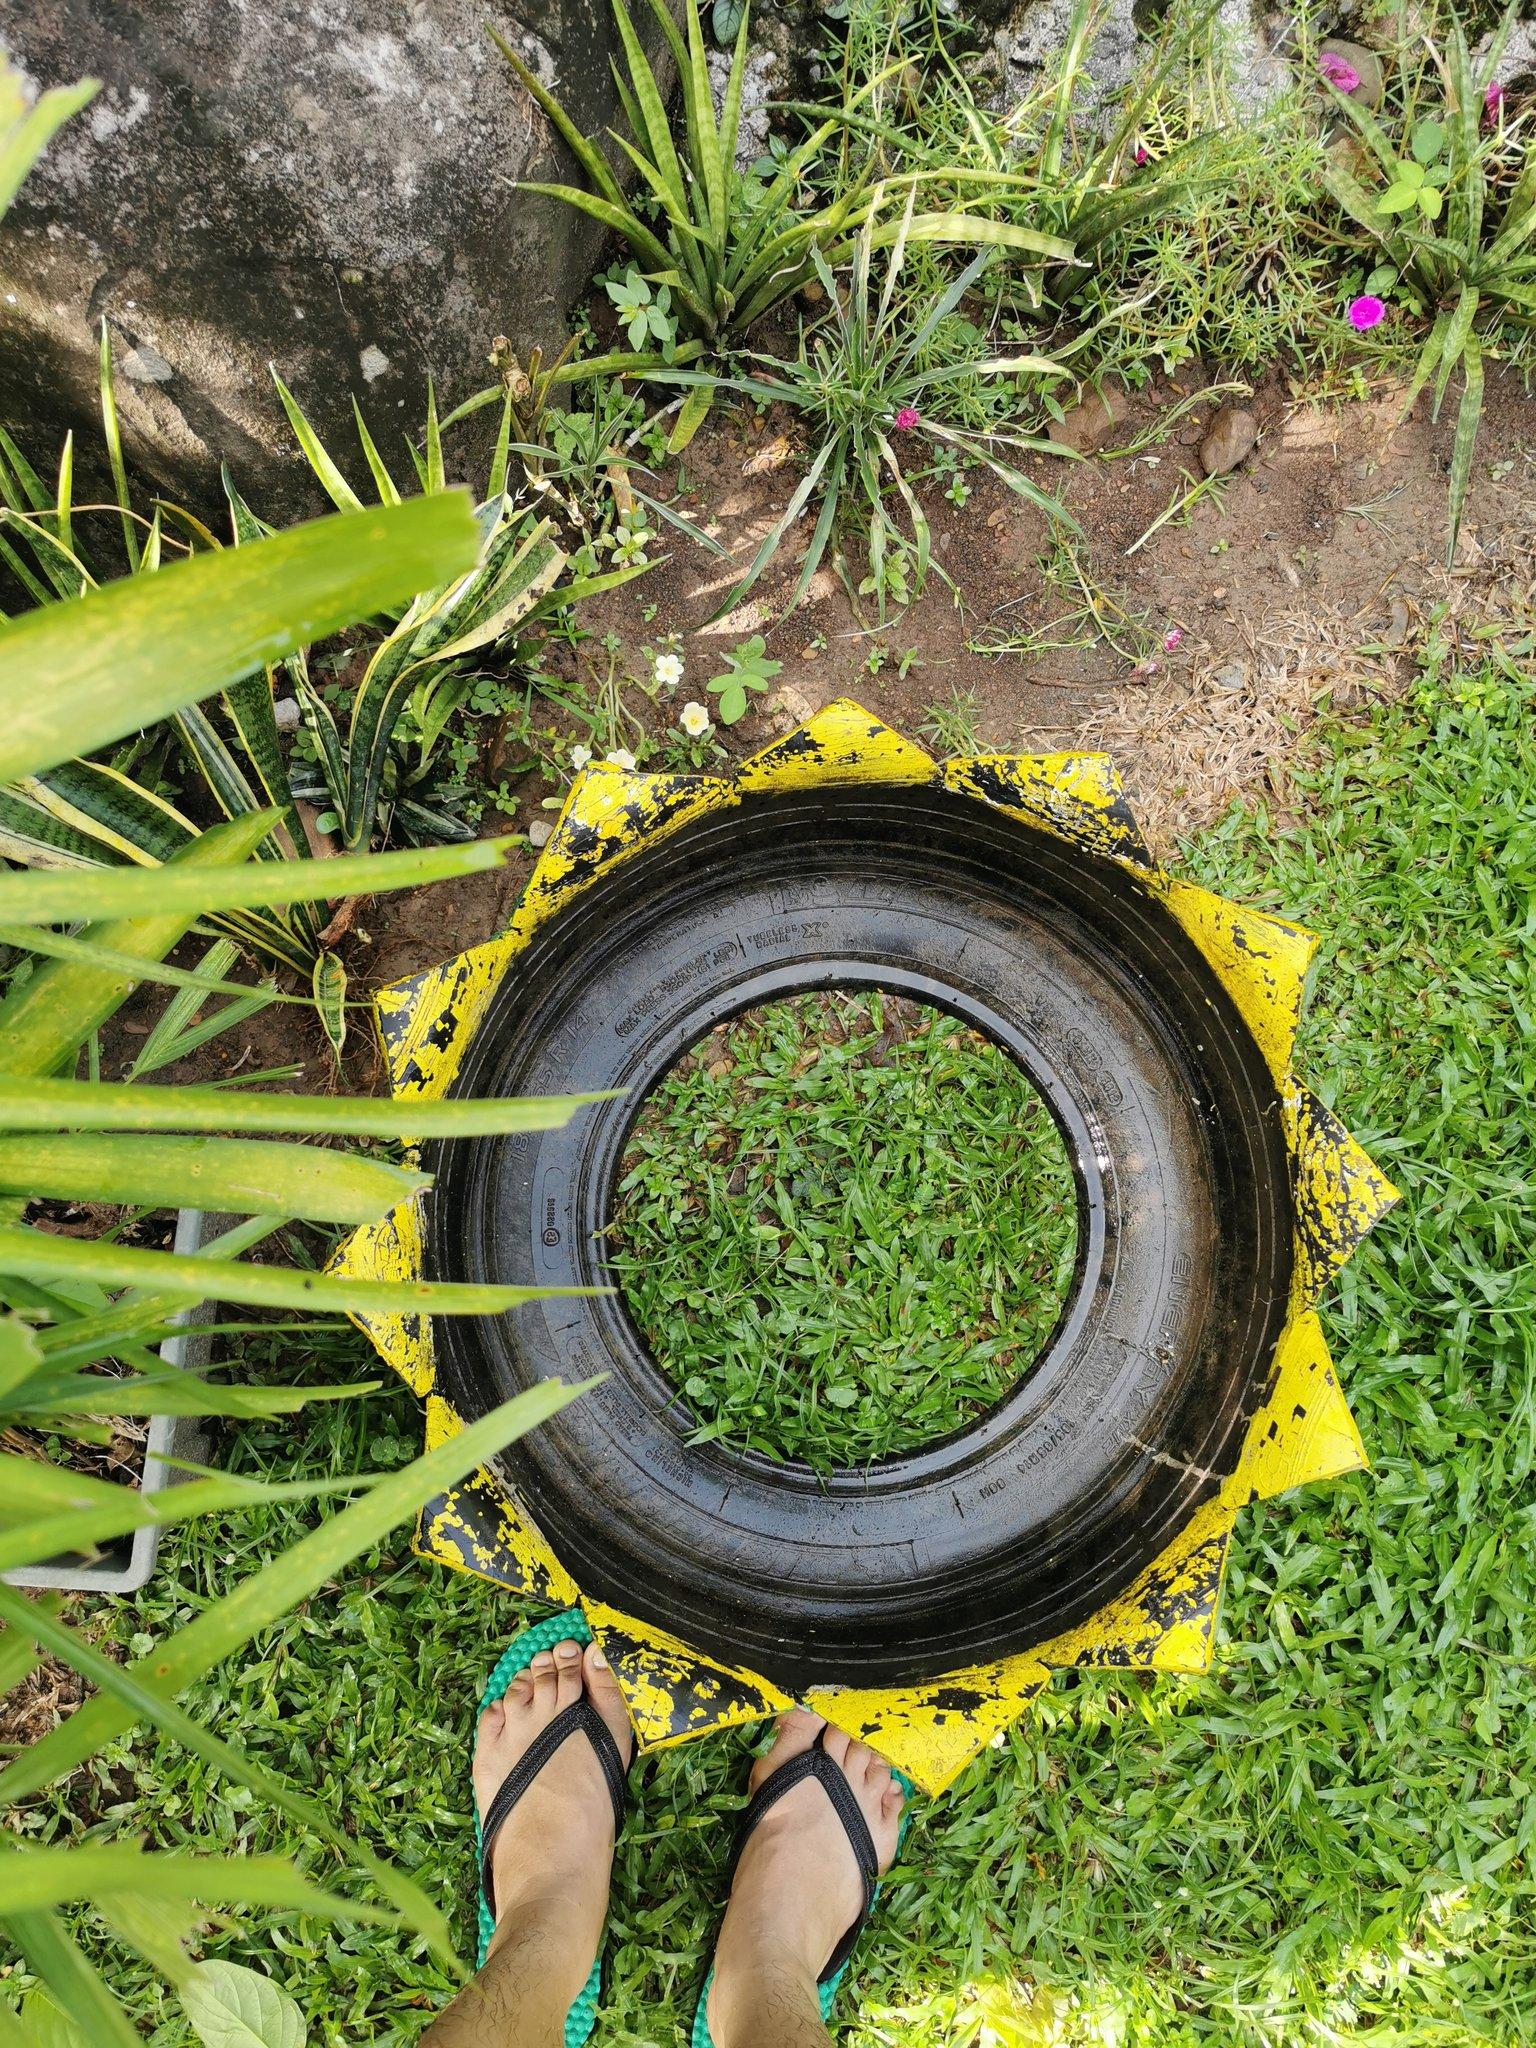 Tanaman Raflesia : tanaman, raflesia, Rafie, Twitter:, Tanaman, Bunga, Paling, Menjadi, Pkp-pkpb, Matahari., Rasanya, Lebih, Besar, Rafflesia..…